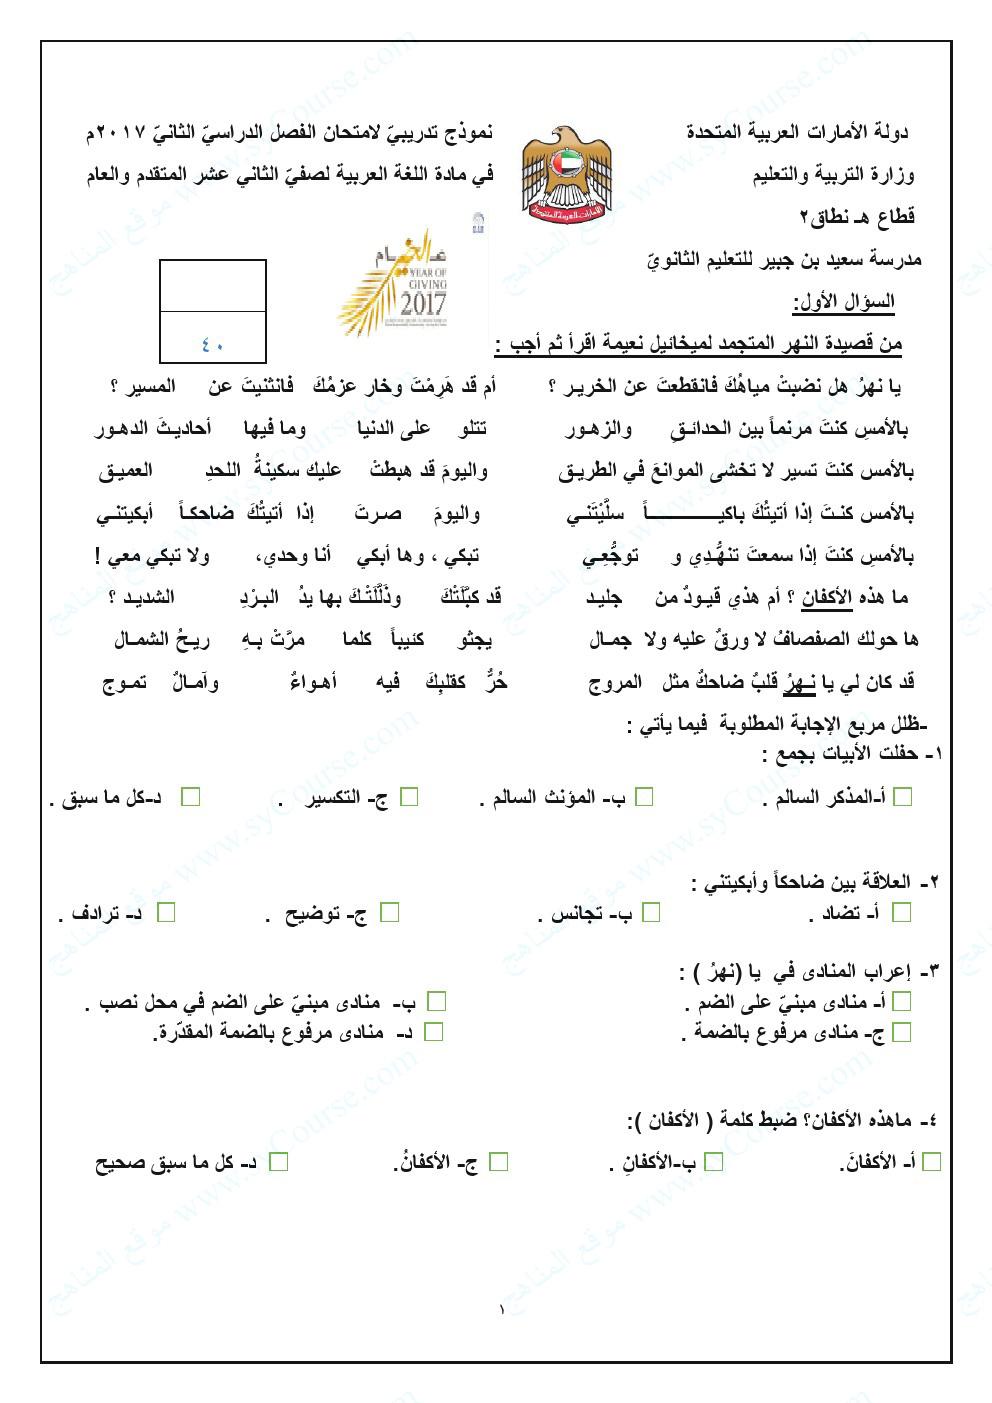 كتاب اللغة الانجليزية للصف الاول ثانوي pdf